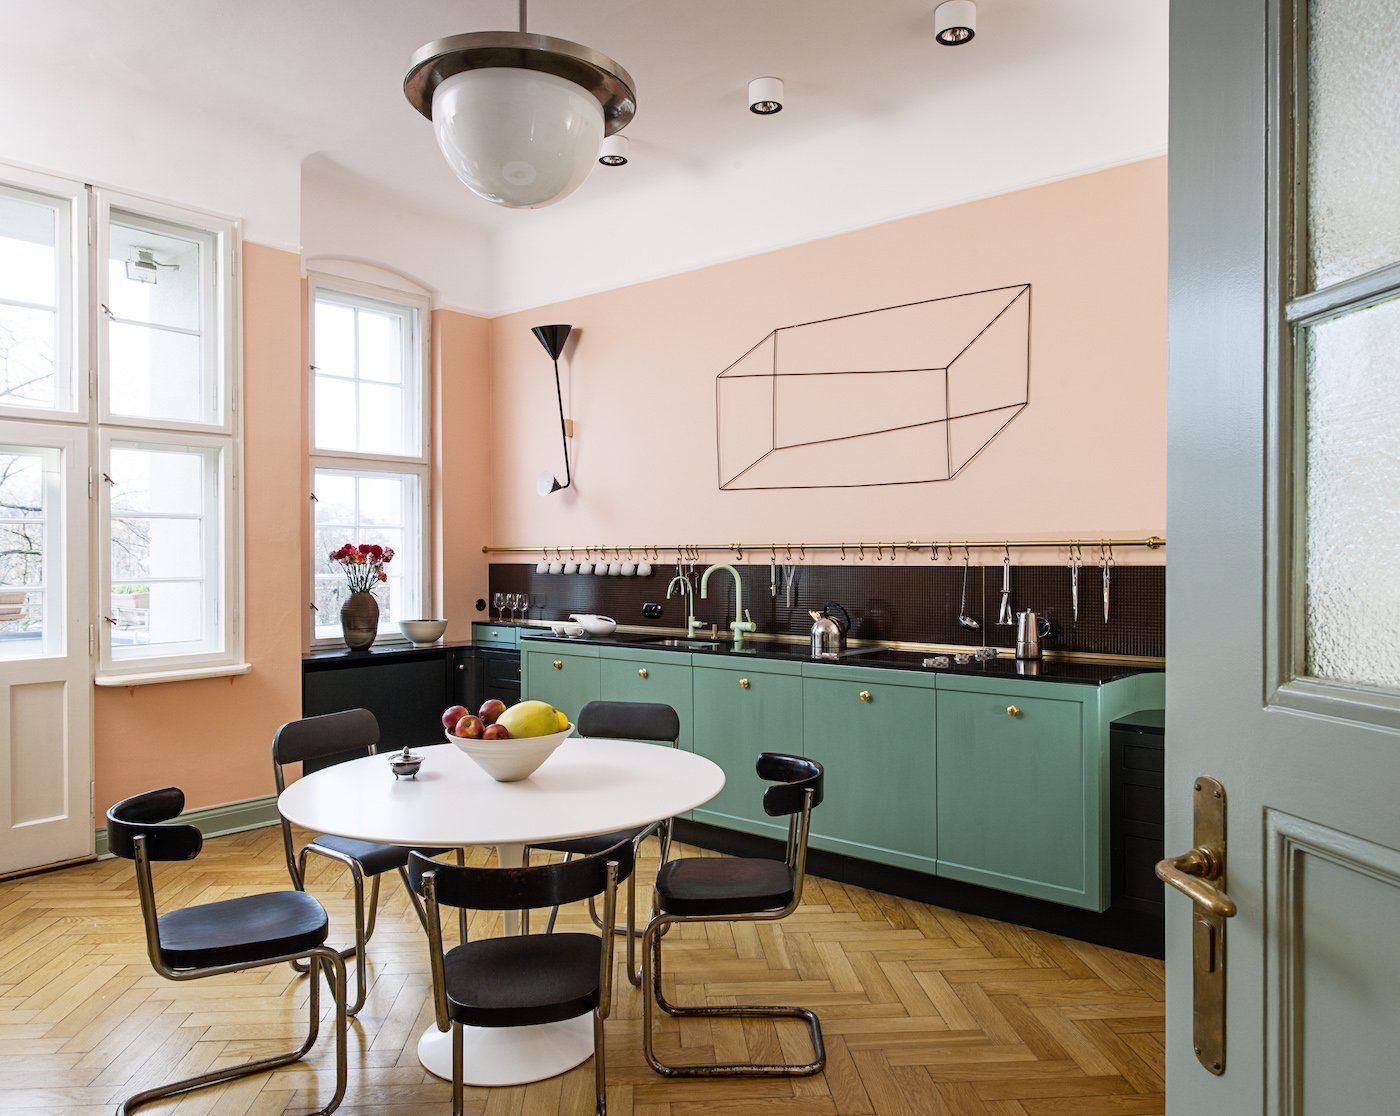 tuổi Đinh Dậu 1957 sơn nhà màu gì